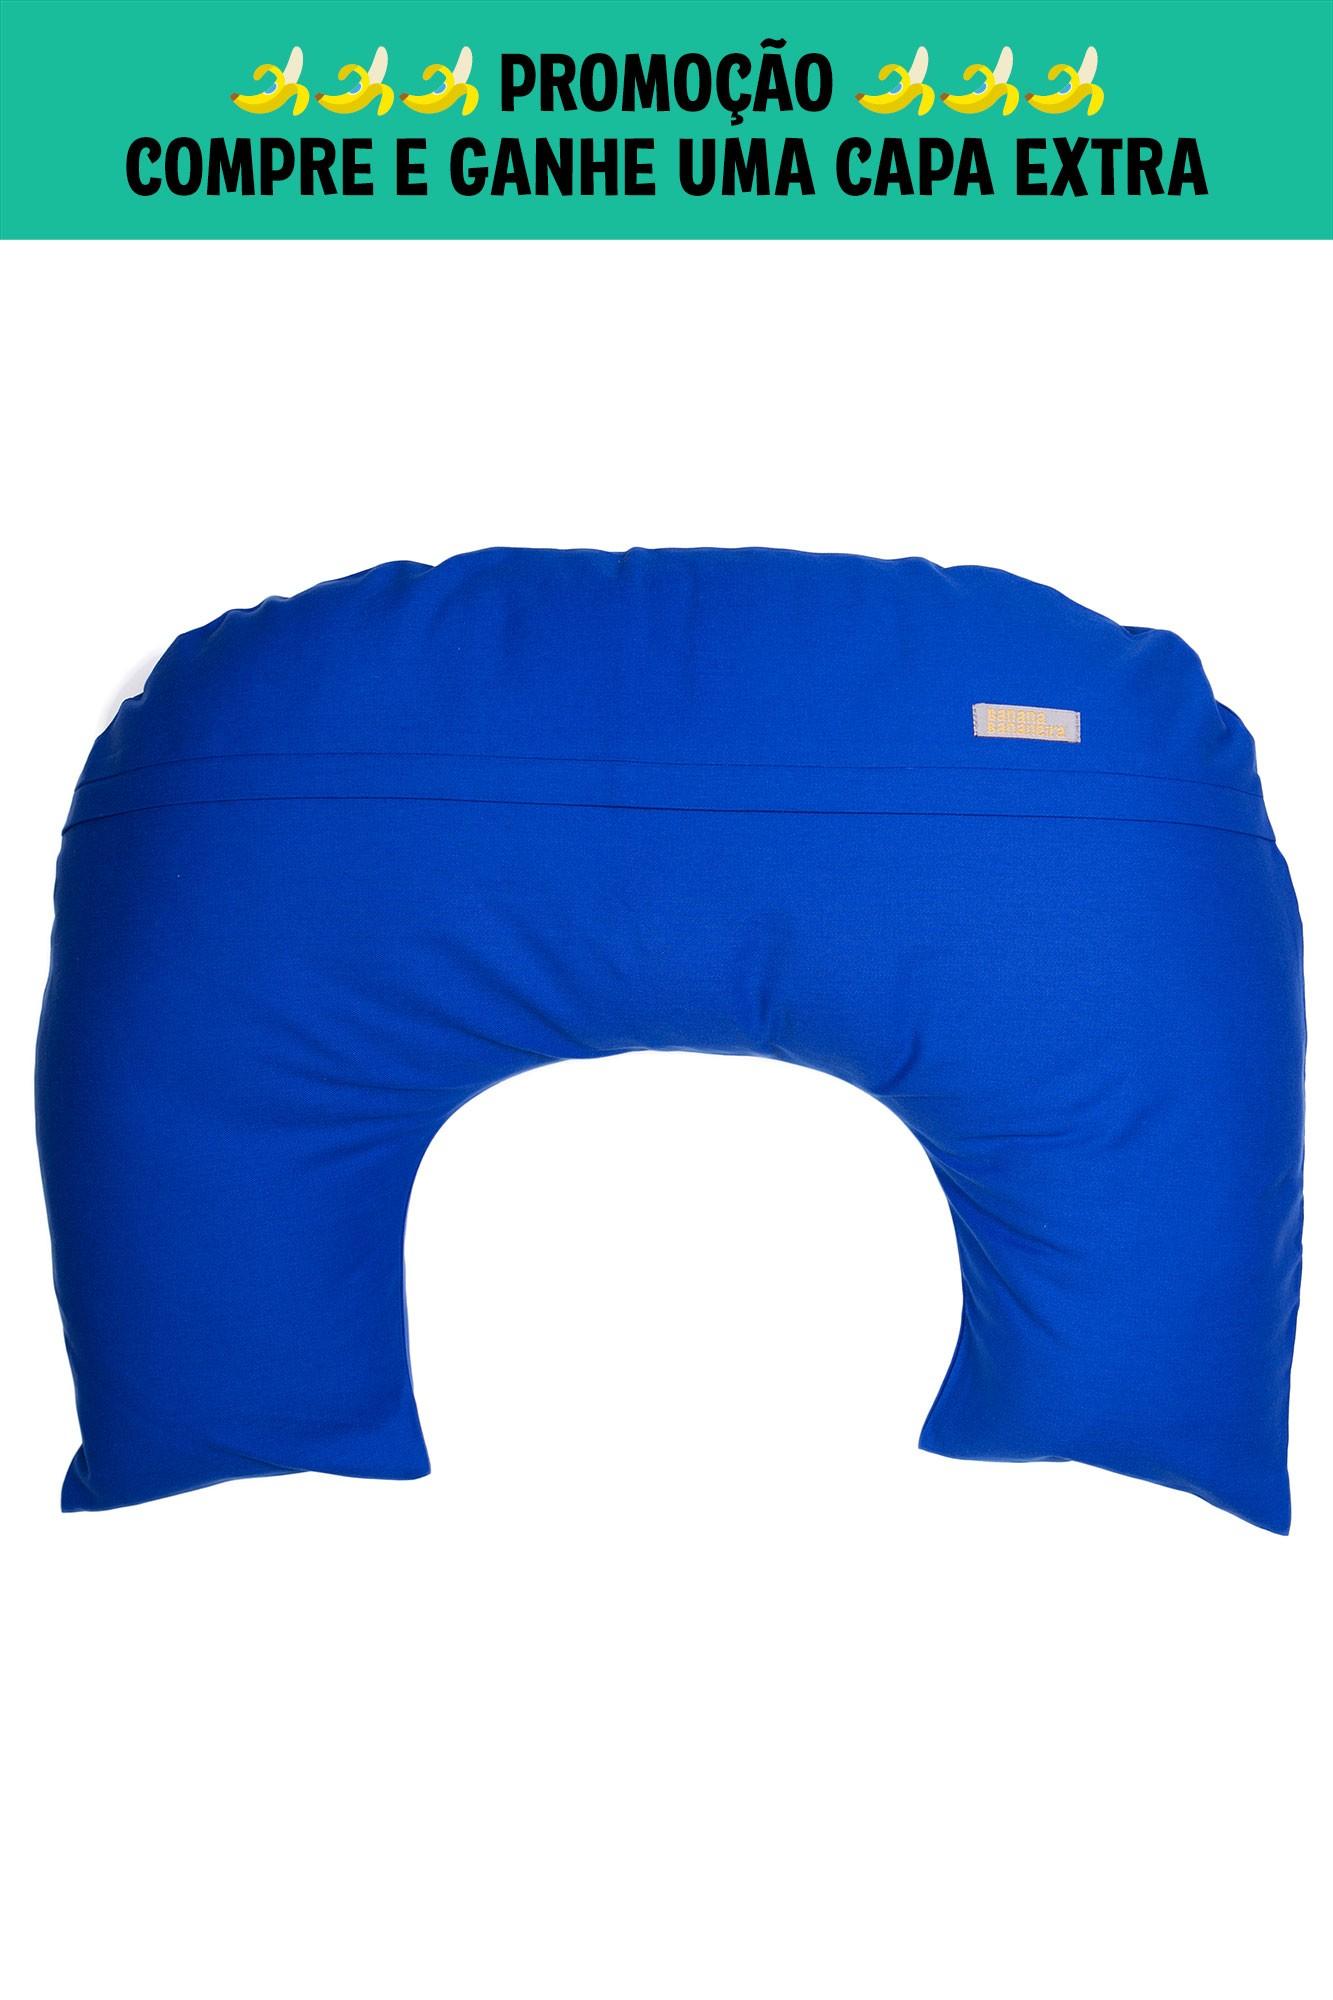 Almofada de amamentação azul royal